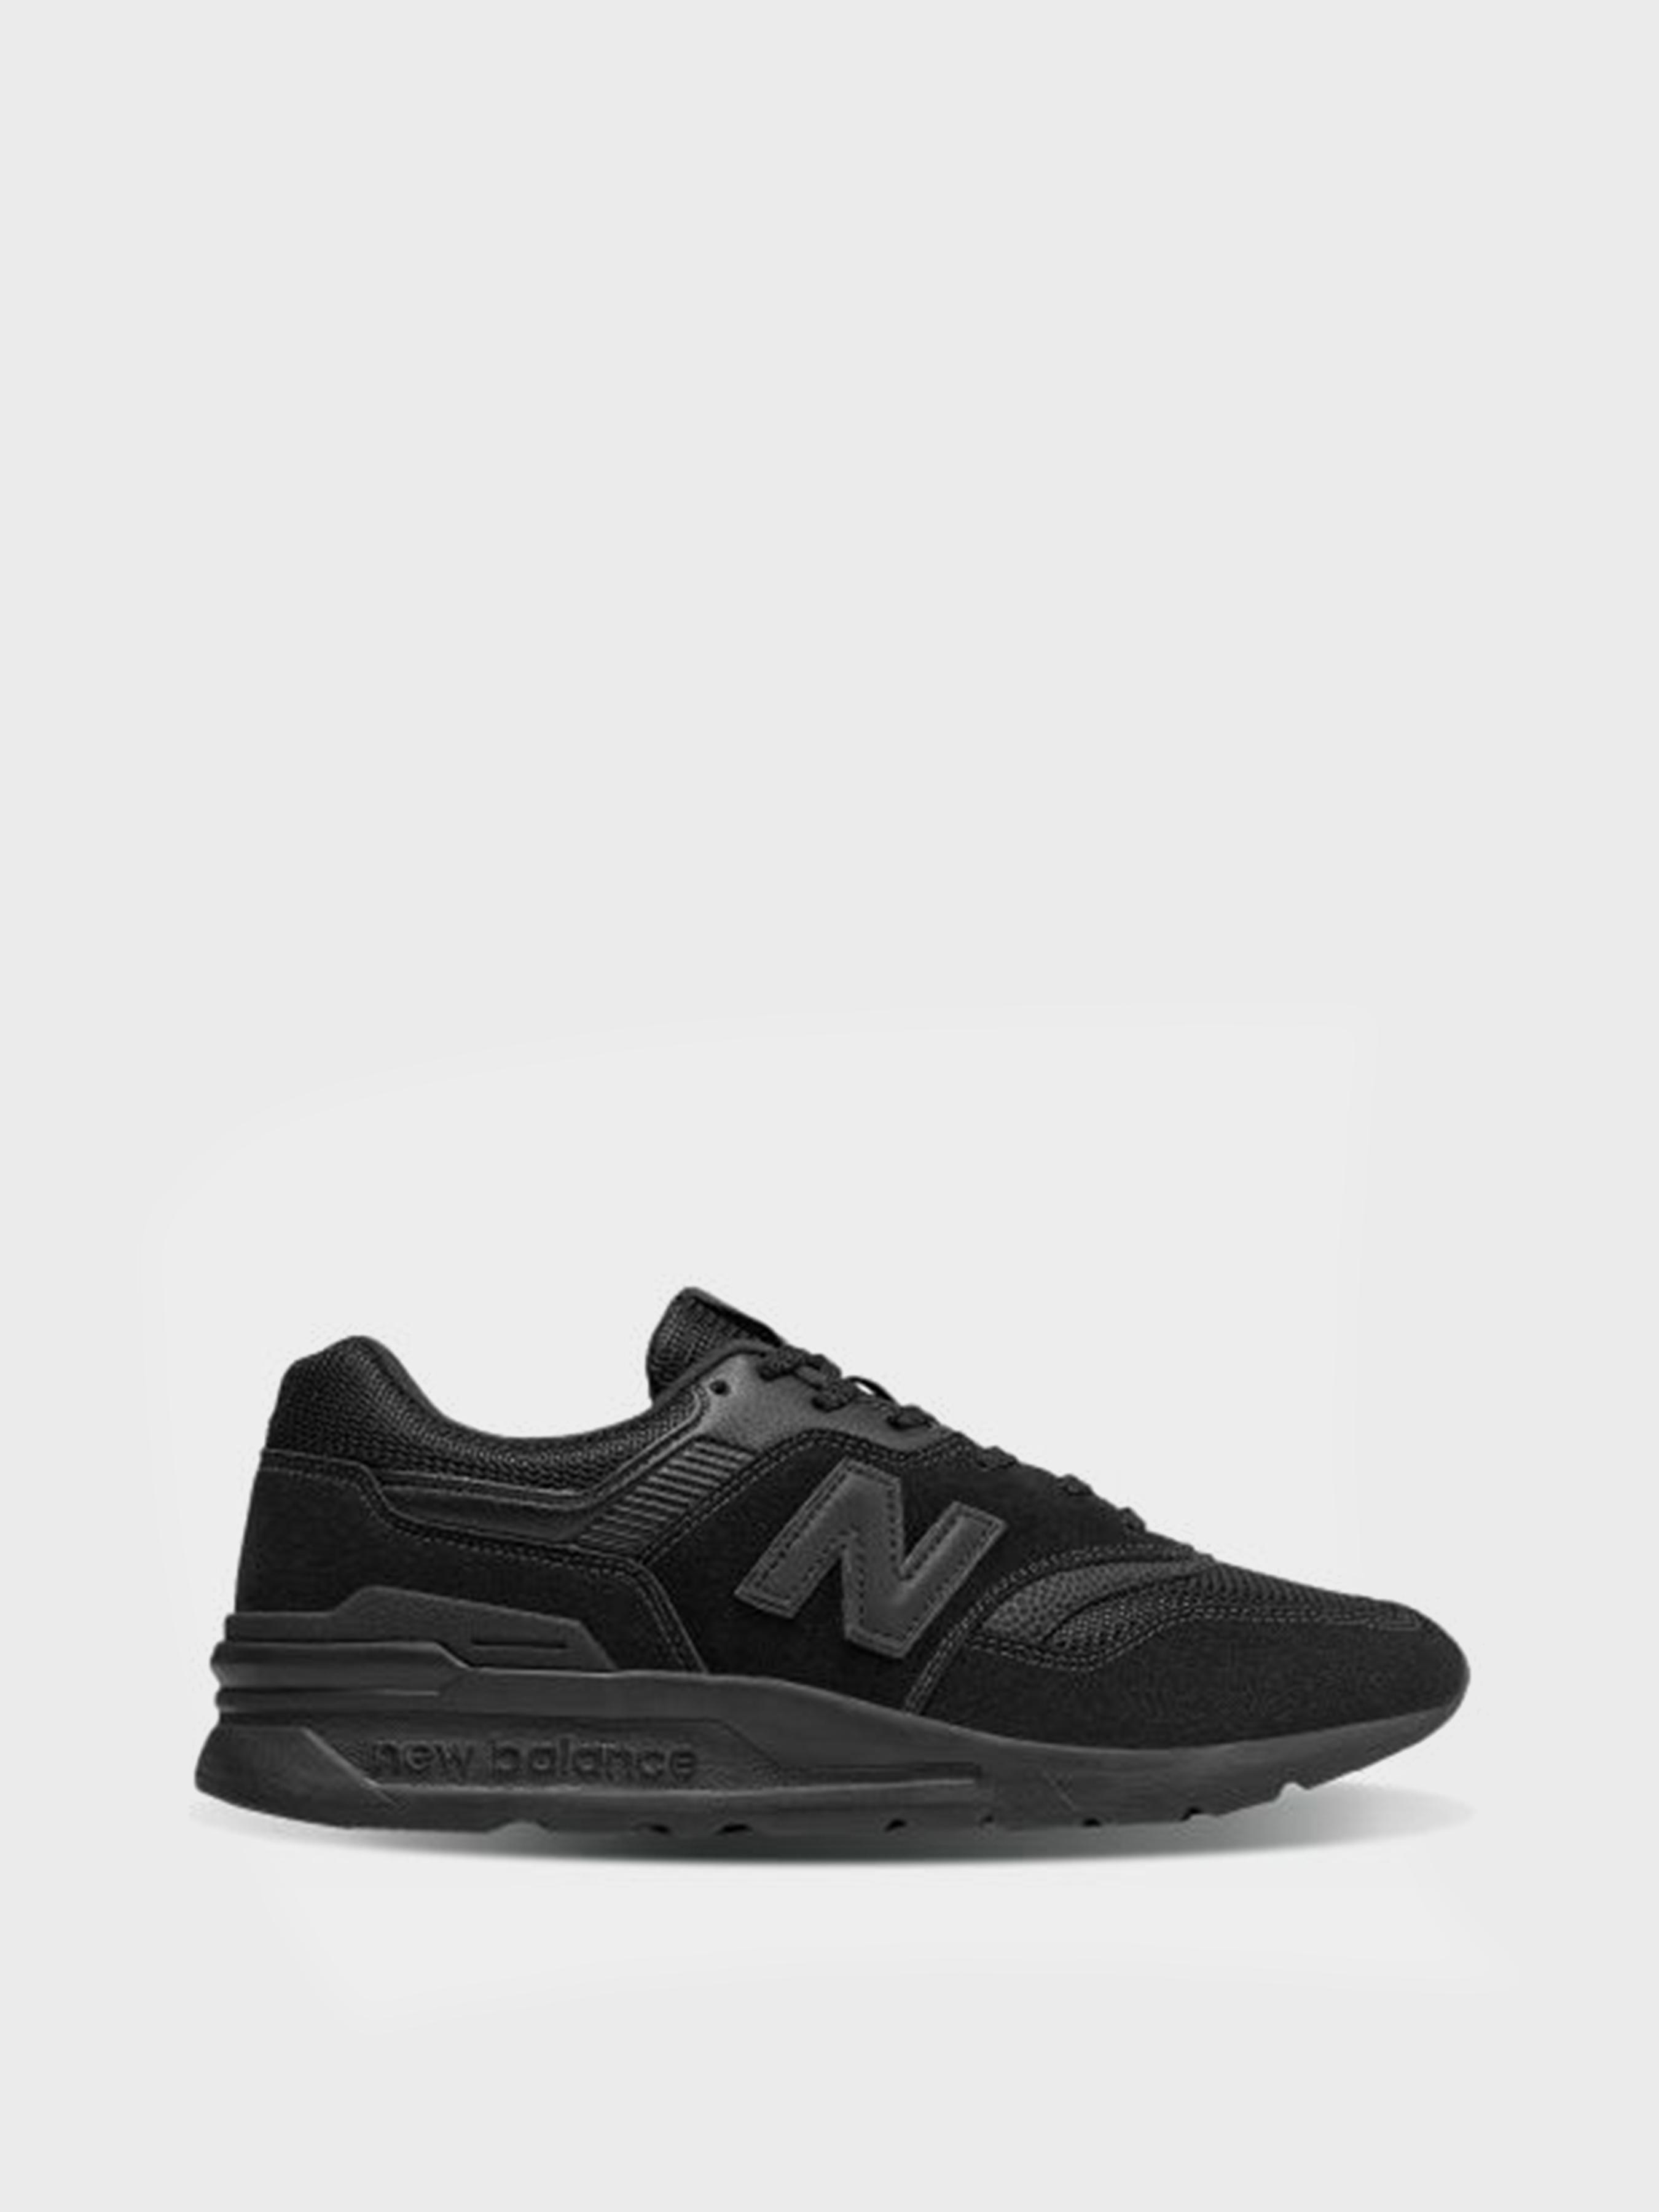 New Balance Кросівки чоловічі модель MQ72 - купити за найкращою ... 65f1051bb072e